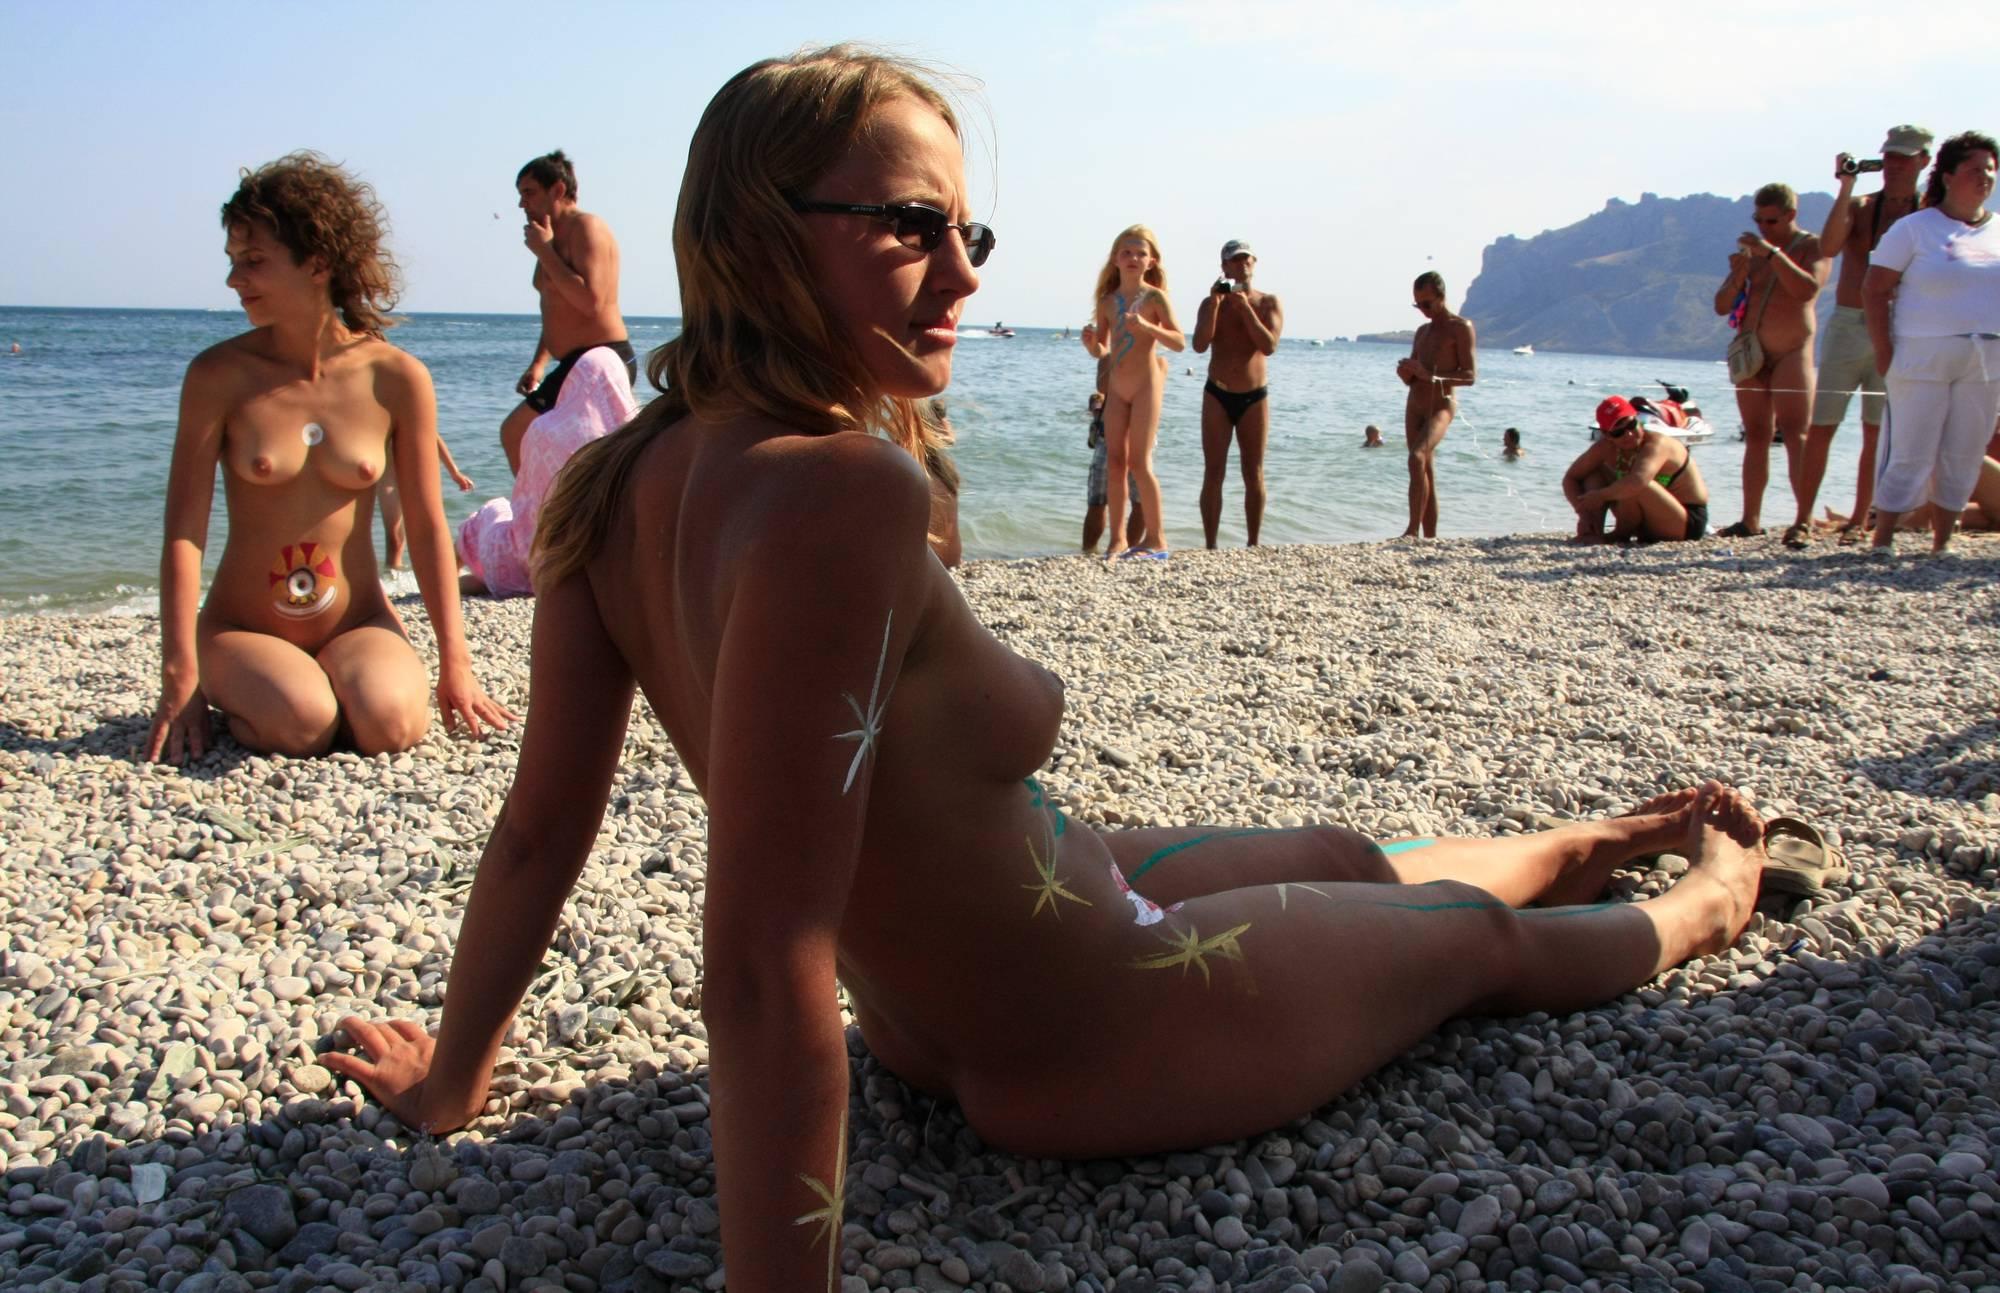 Ukrainian Sun Relaxation - 2